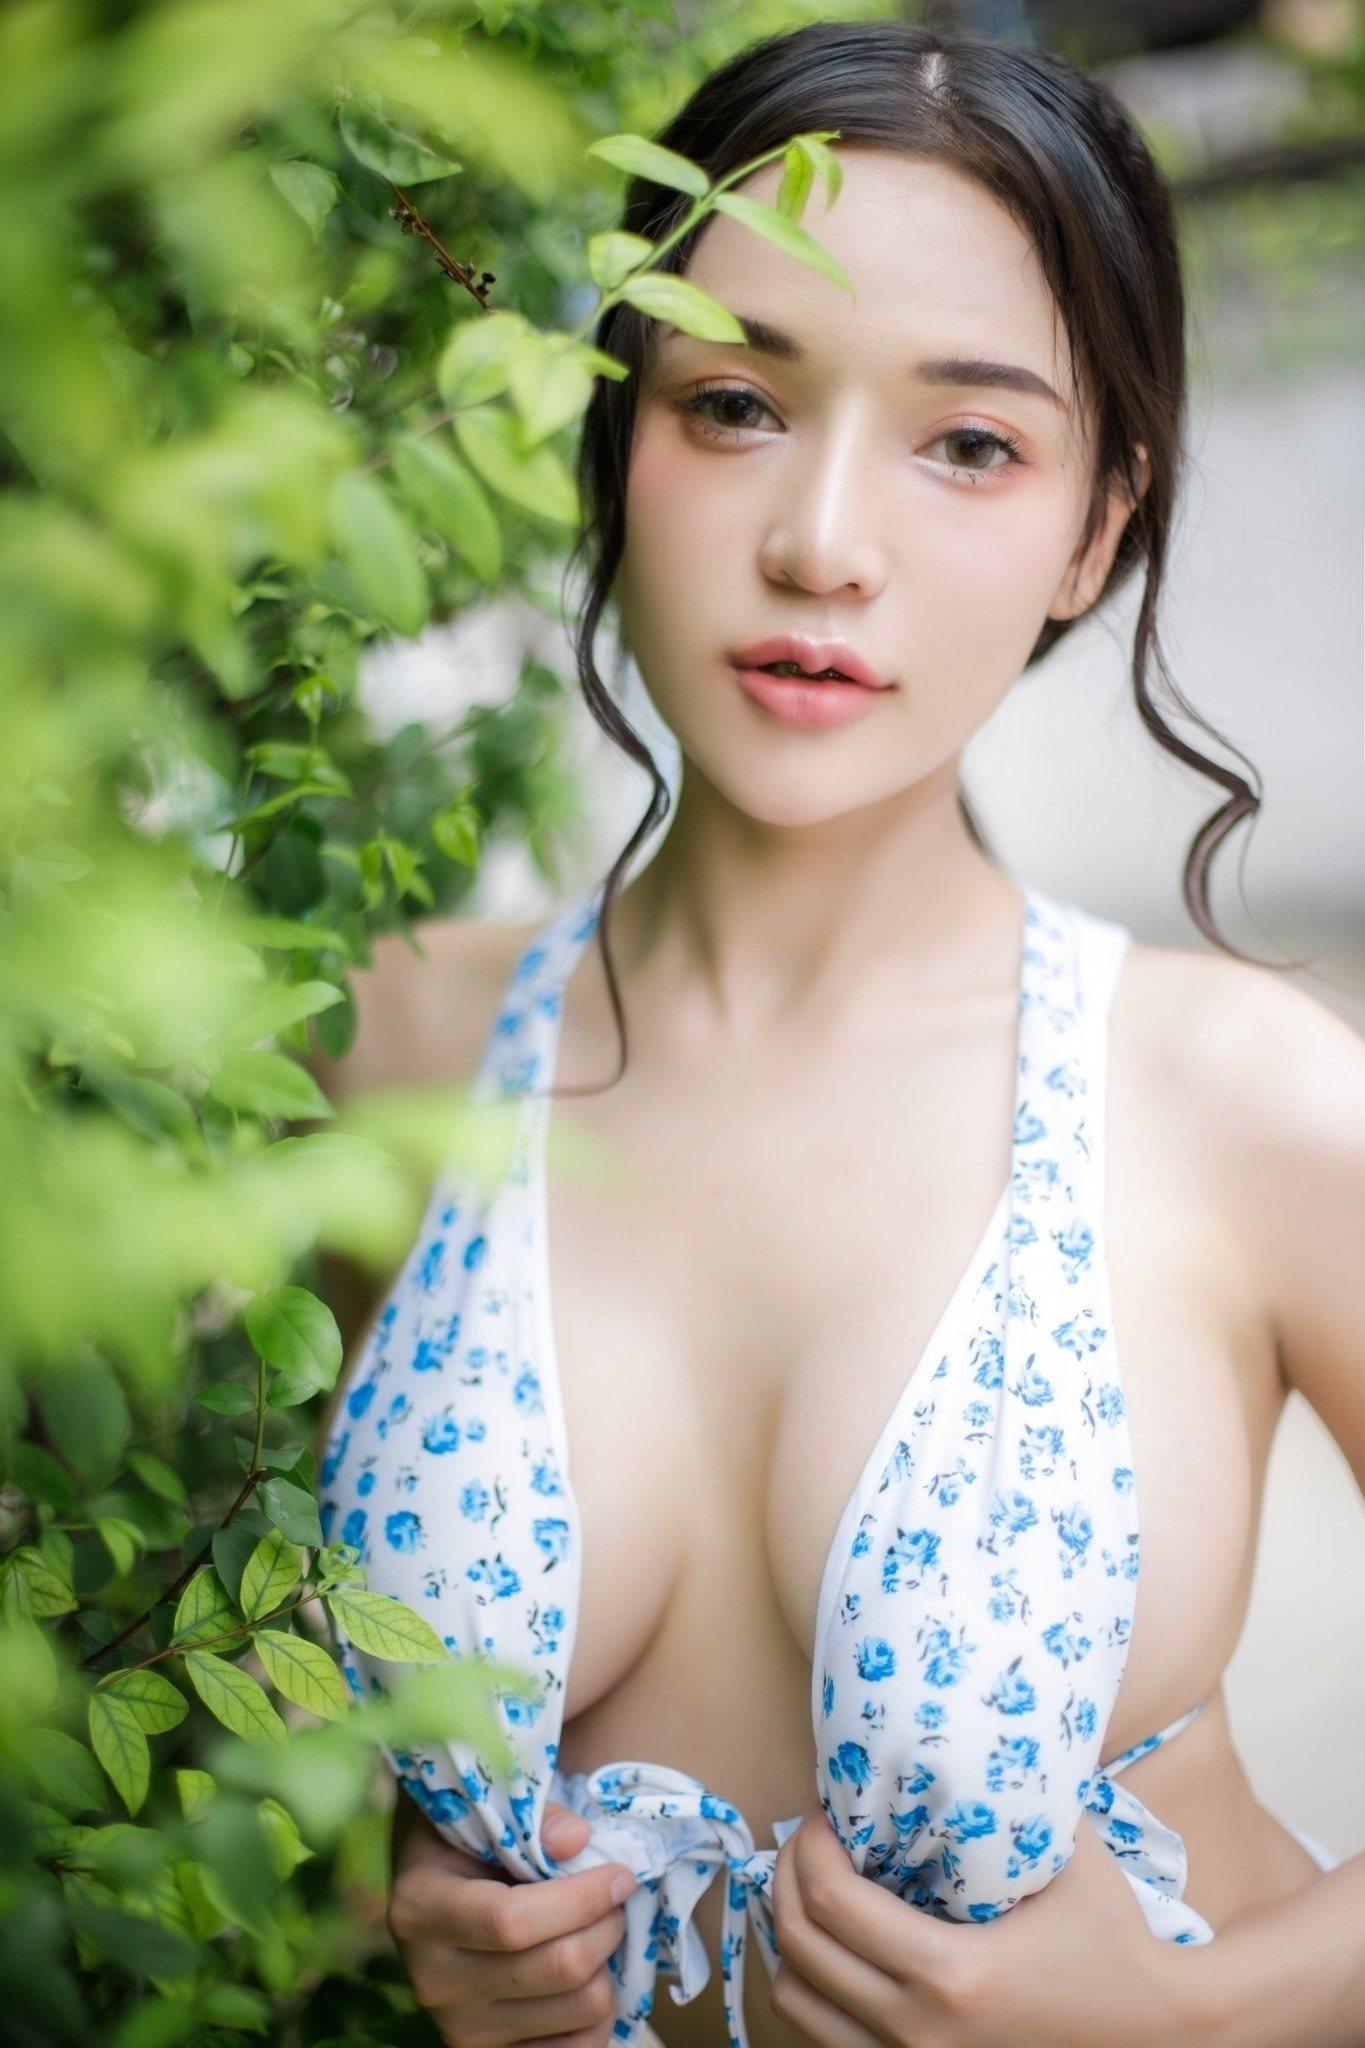 น้องตอง สาวน้อยน่ารัก หุ่นเซ็กซี่ น่าลูบไล้ หลายคนเห็นแล้วอดใจไม่ไหว